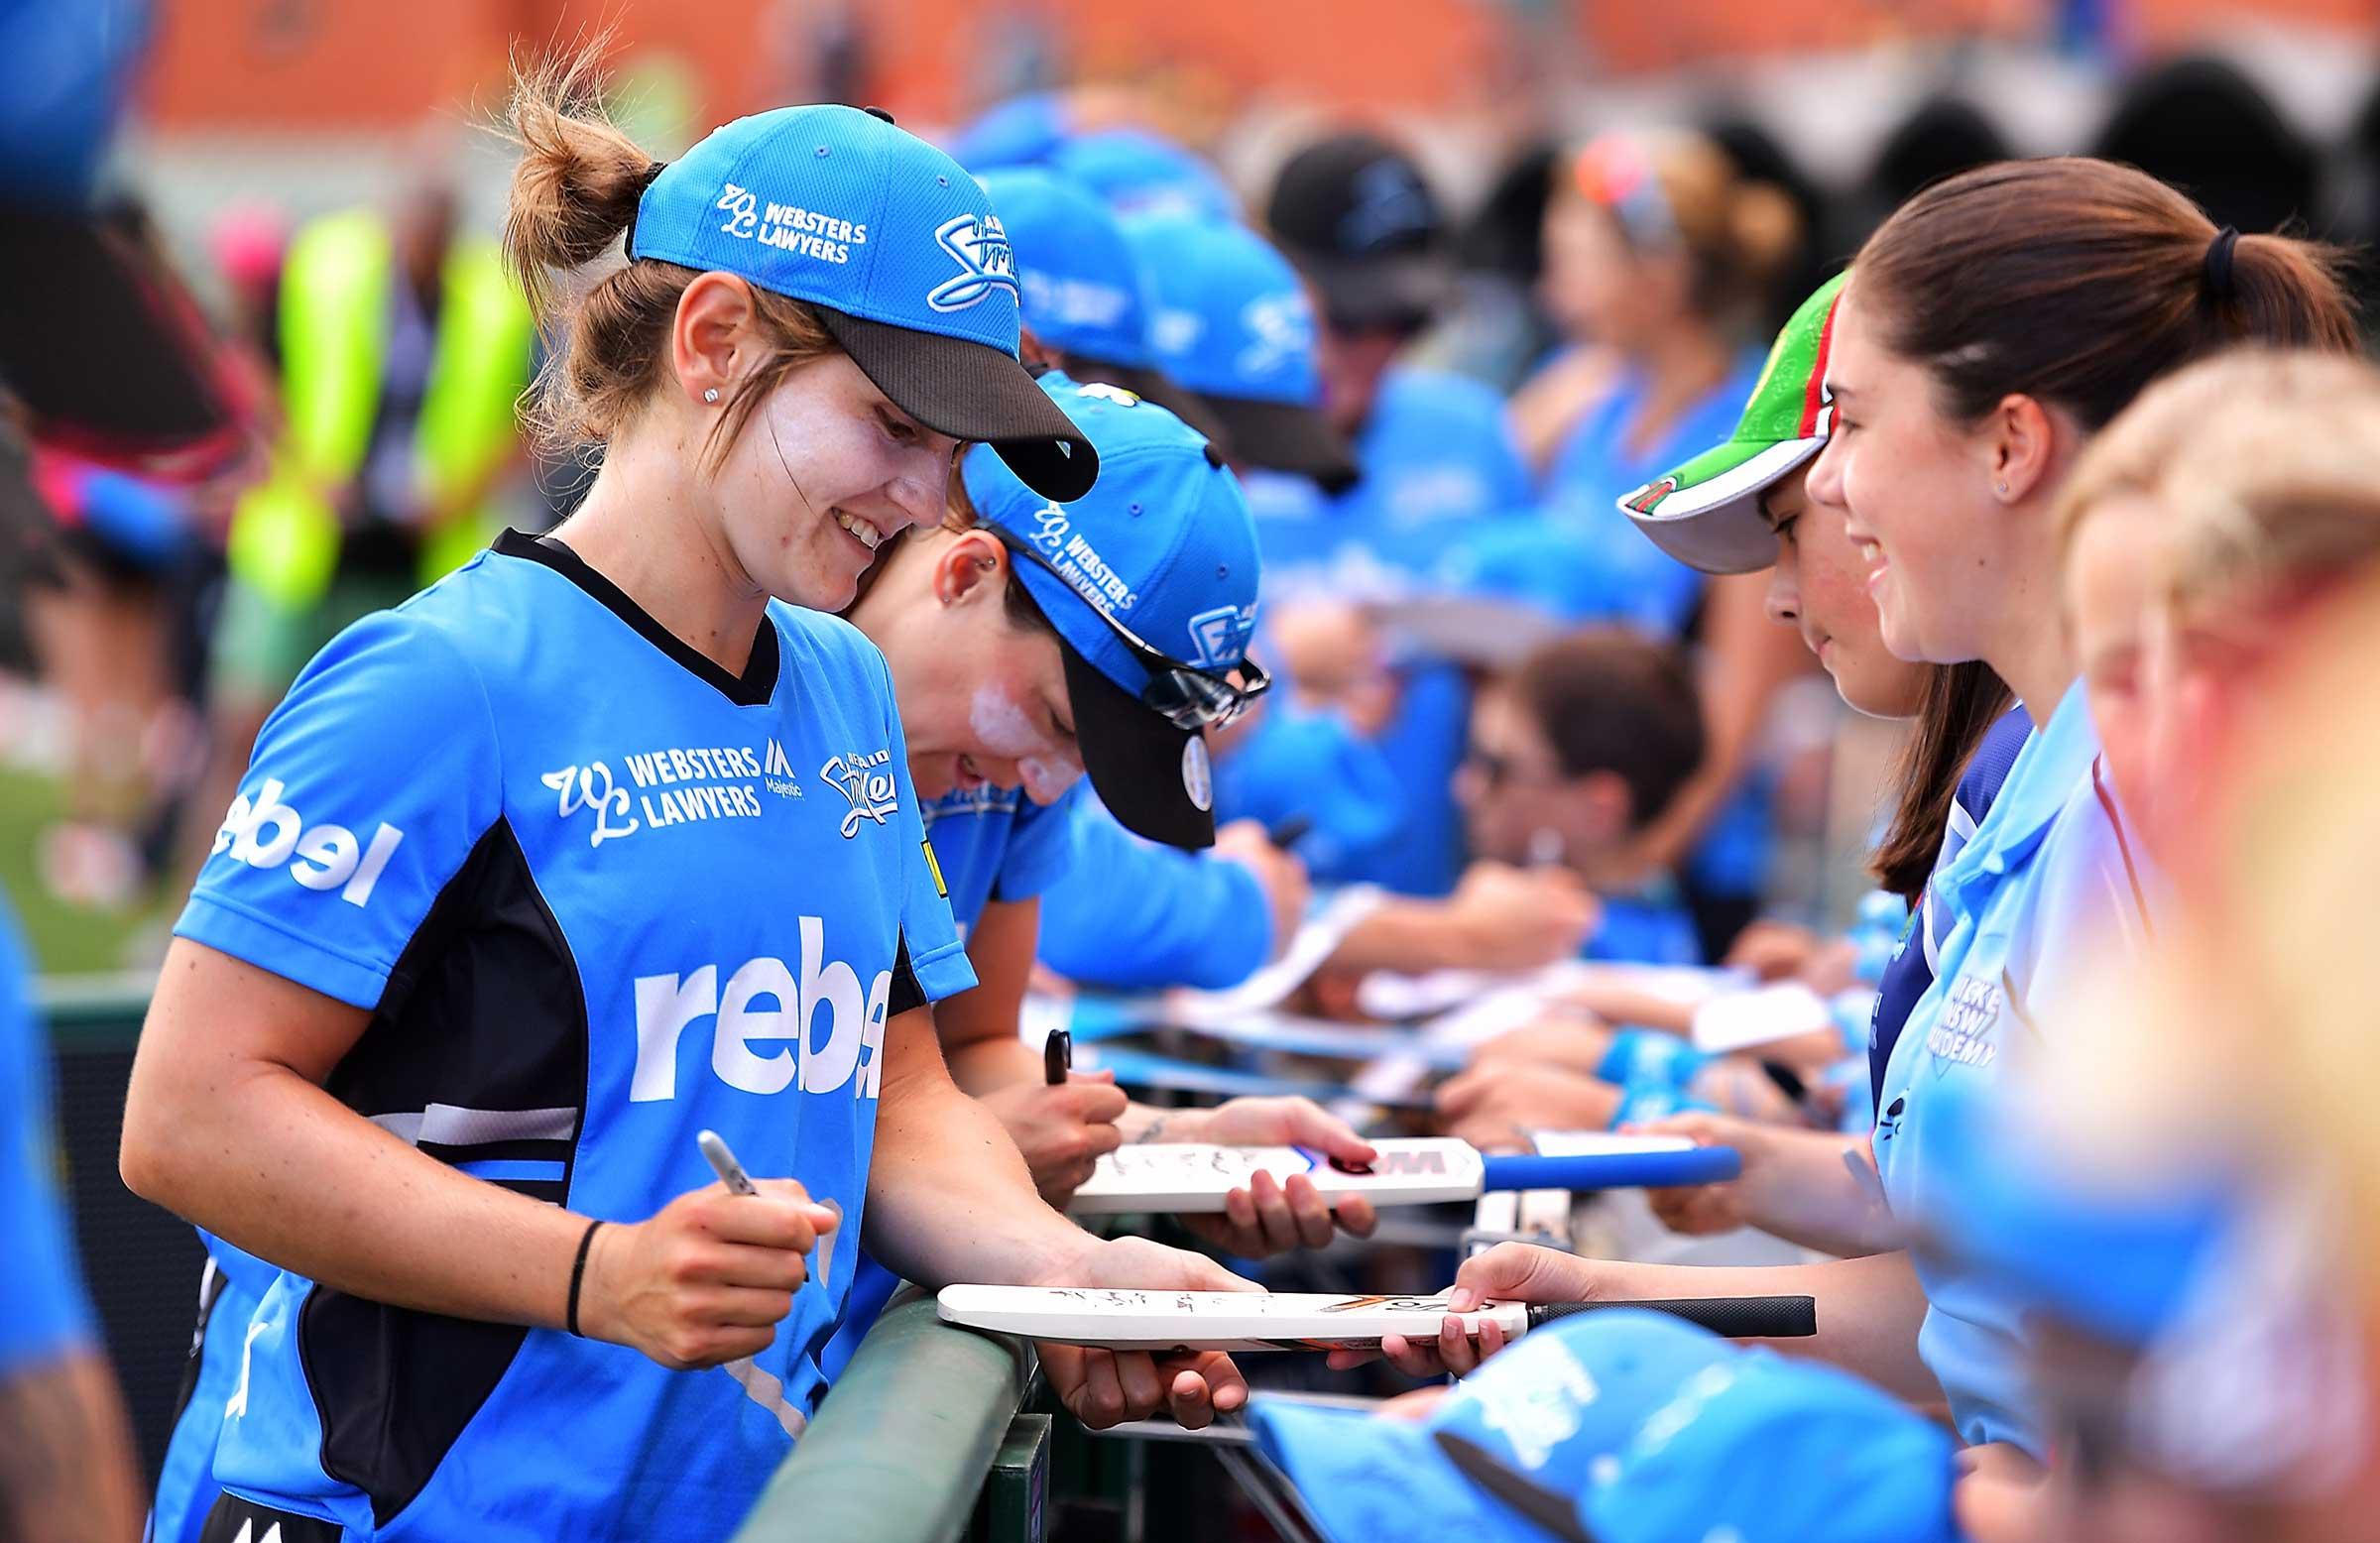 WBBL|03 fixtures confirmed | cricket.com.au